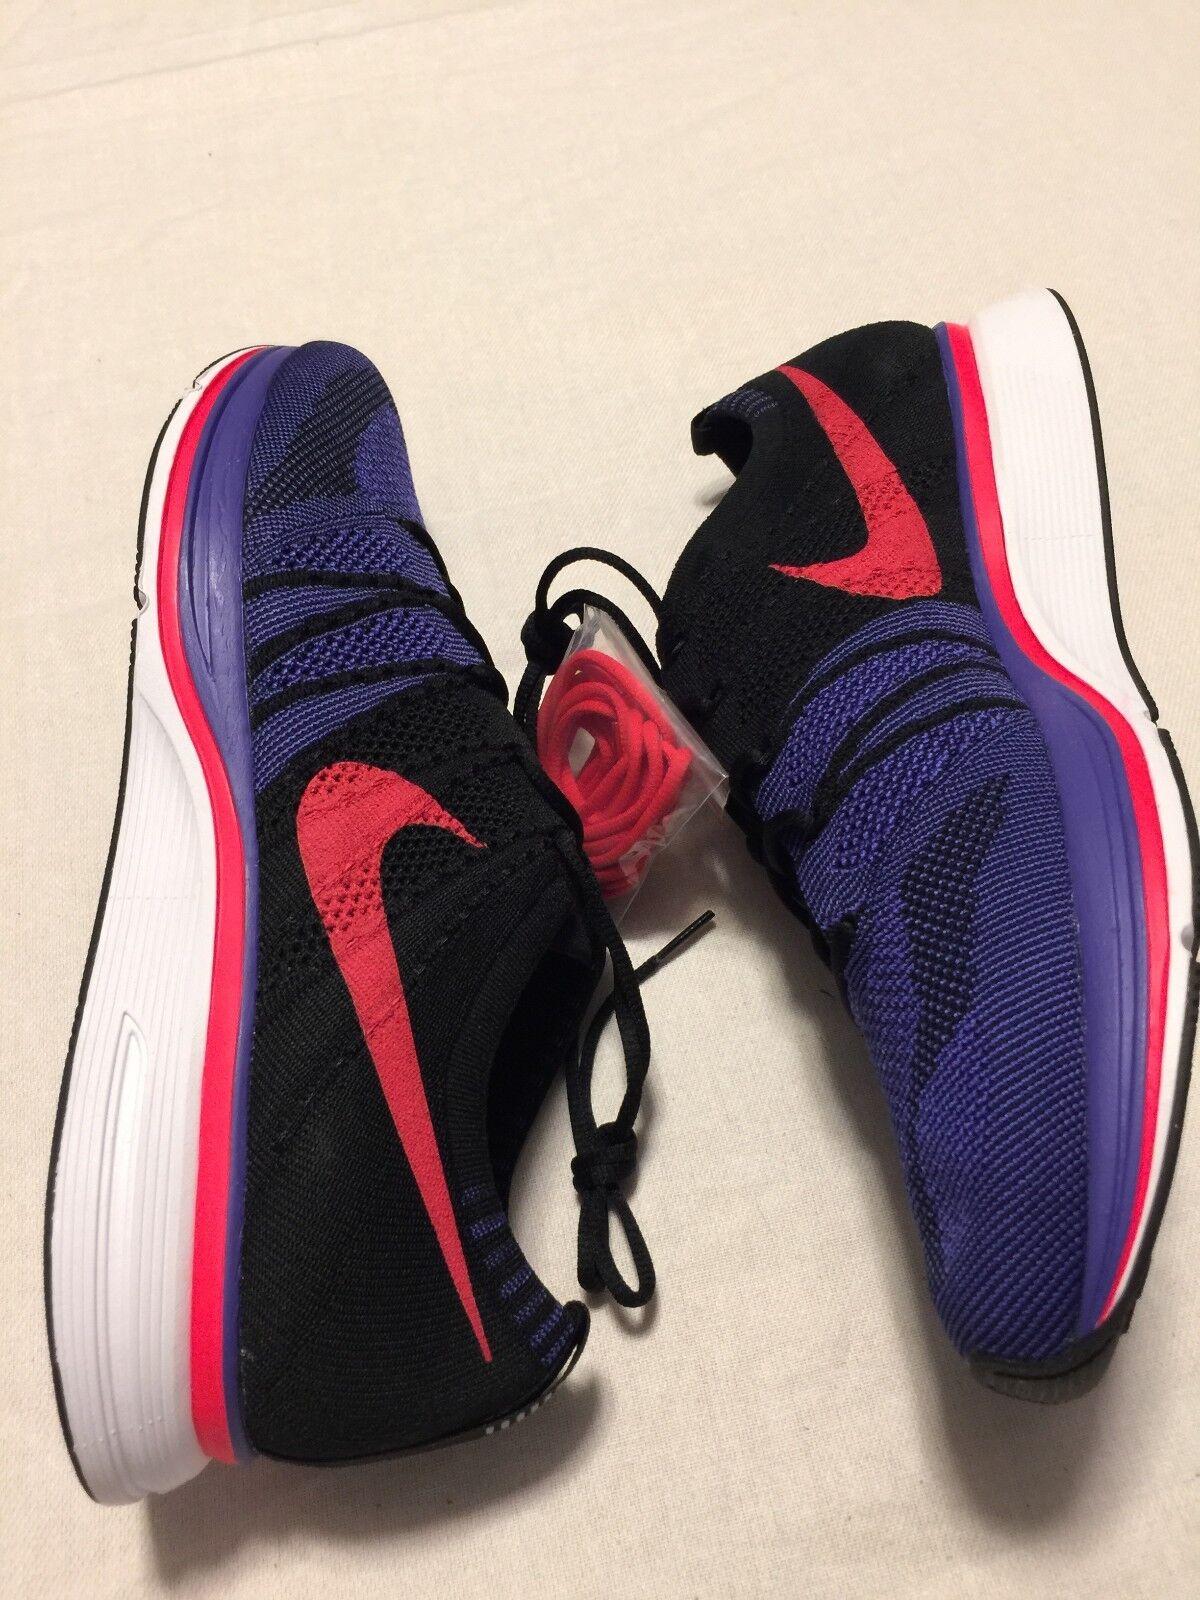 Nike Flyknit Trainer Persian purple Siren Red Purple SZ 14 NO BOX TOP AH8396-003